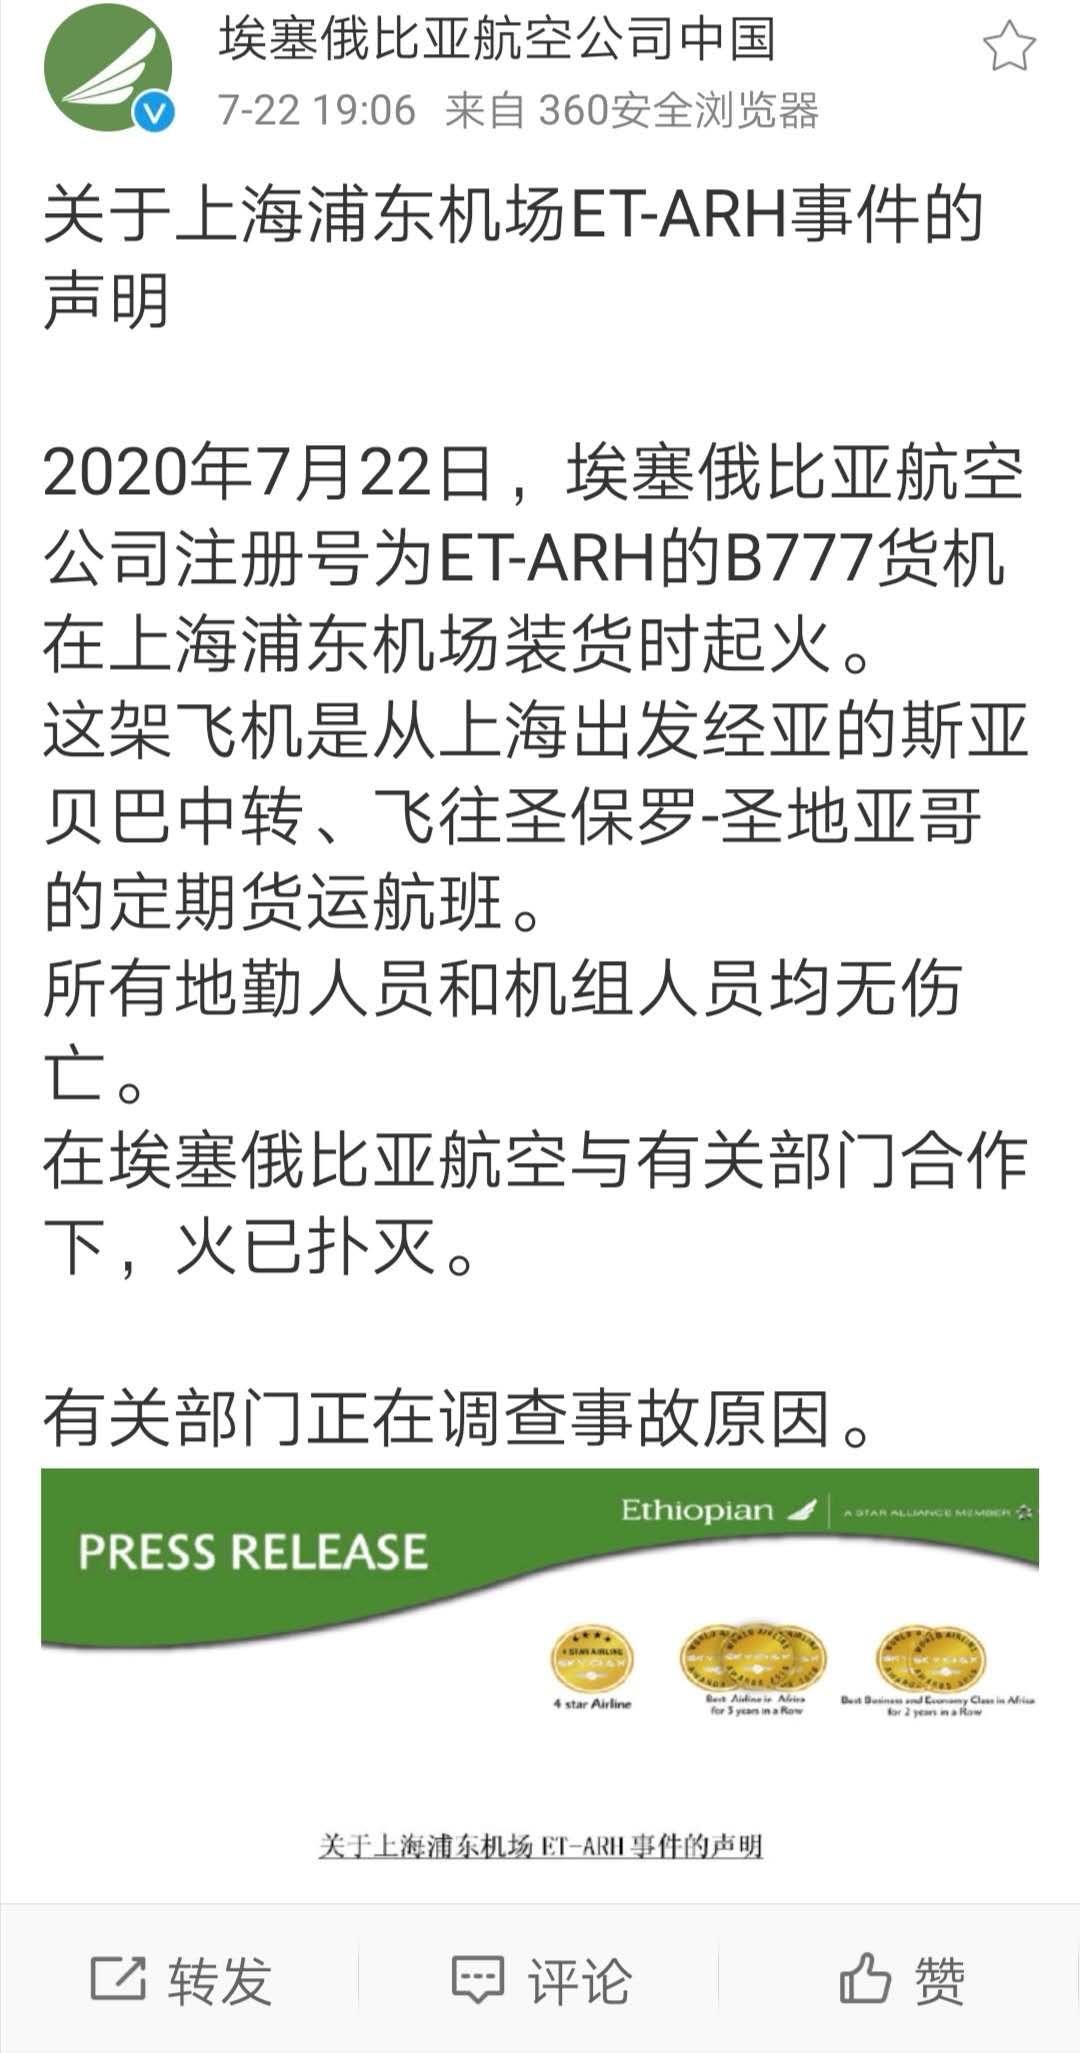 杏悦:比亚航空发声明一货杏悦机在浦东机场装货图片